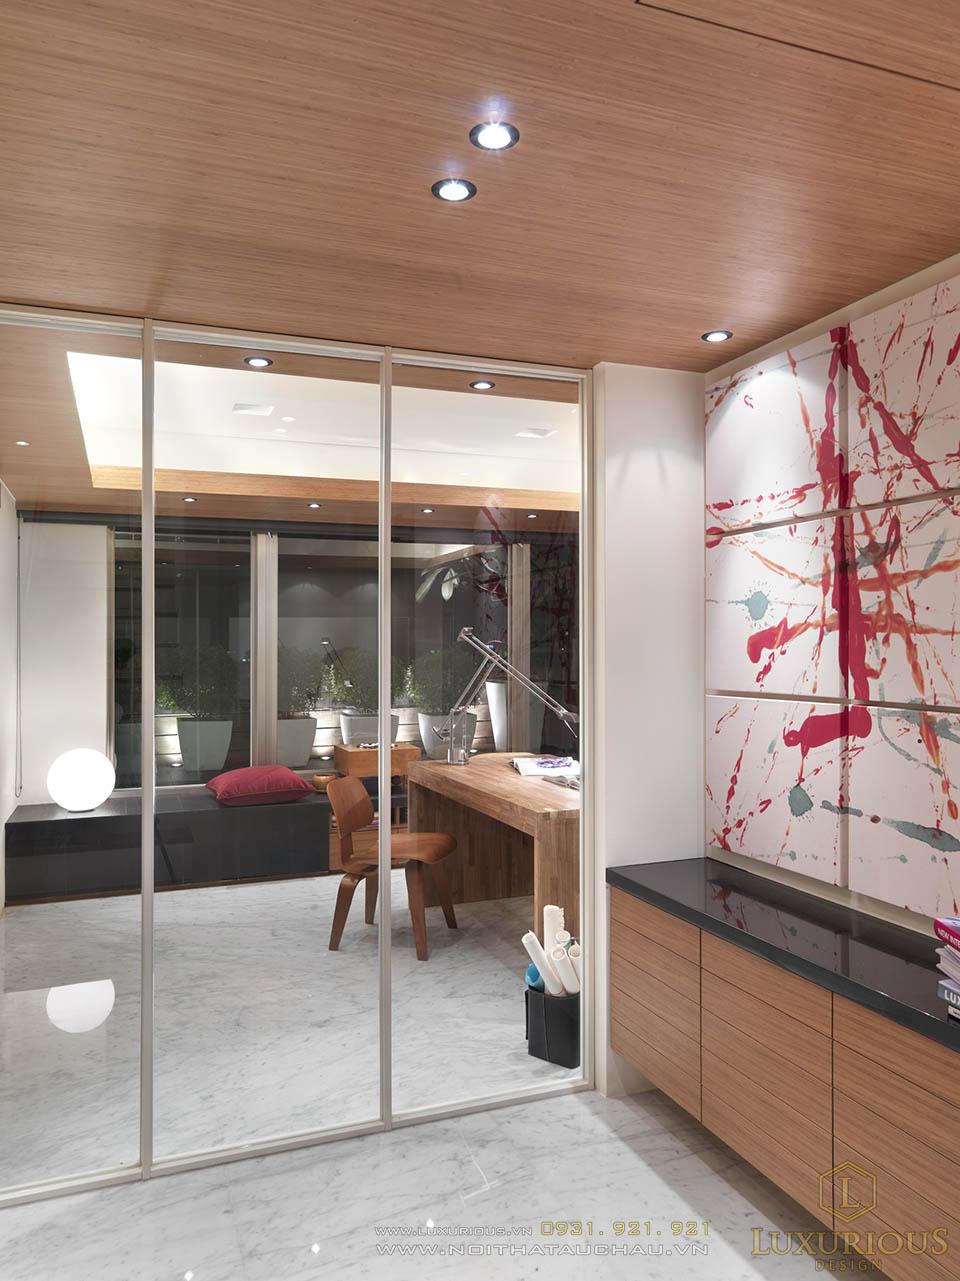 Thi công nội thất nhà phố 2 tầng 5x15m hiện đại, năng động